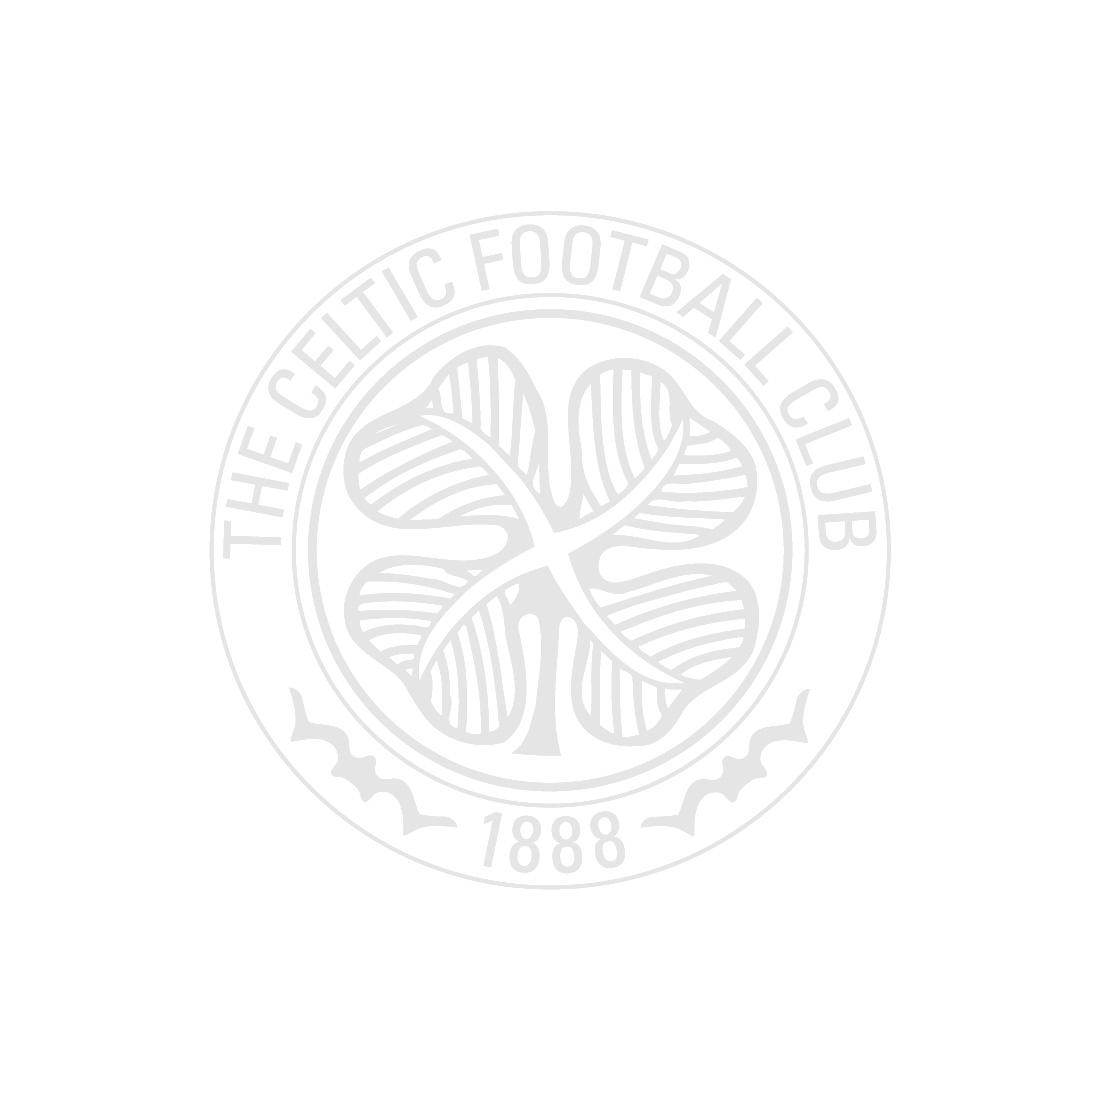 Celtic 1988 Centenary Retro Away Scarf